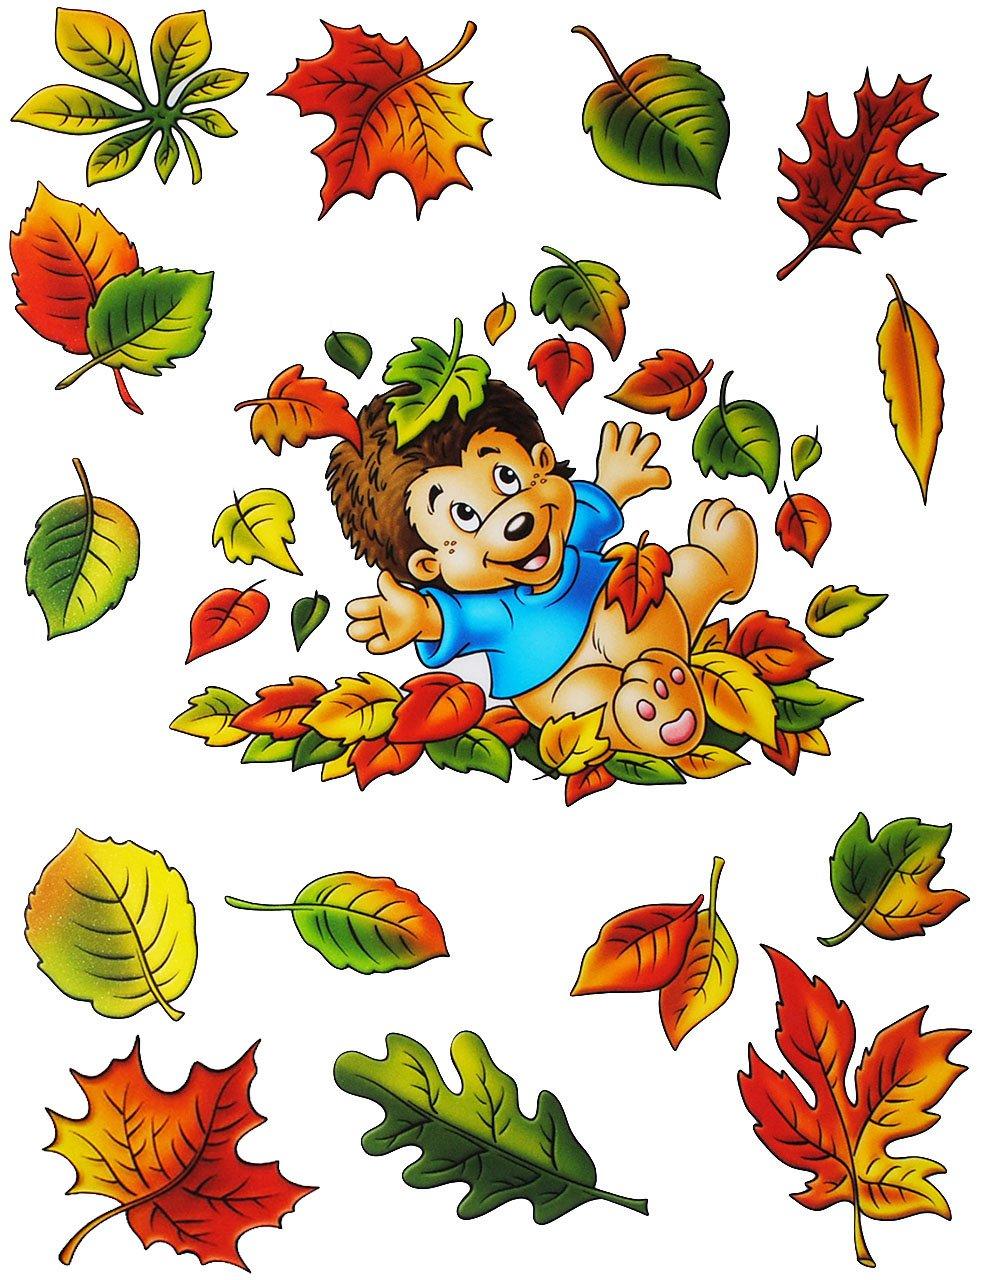 """2 versch. Bögen: statisch haftende Fensterbilder – """" Herbst – Motive """" – Blätter / Eicheln sammeln – Laubblätter / Igel / Maus / Schnecke – Pilz / Kürbis – wiederverwendbar + selbstklebend / Sticker Fenstersticker Aufkleber – Herbstfrüchte Kastanien Kürbisse – Fensterbild – z.B. für Fenster und Spiegel – Fensterdeko Fensterfolie Kinderzimmer Deko günstig online kaufen"""